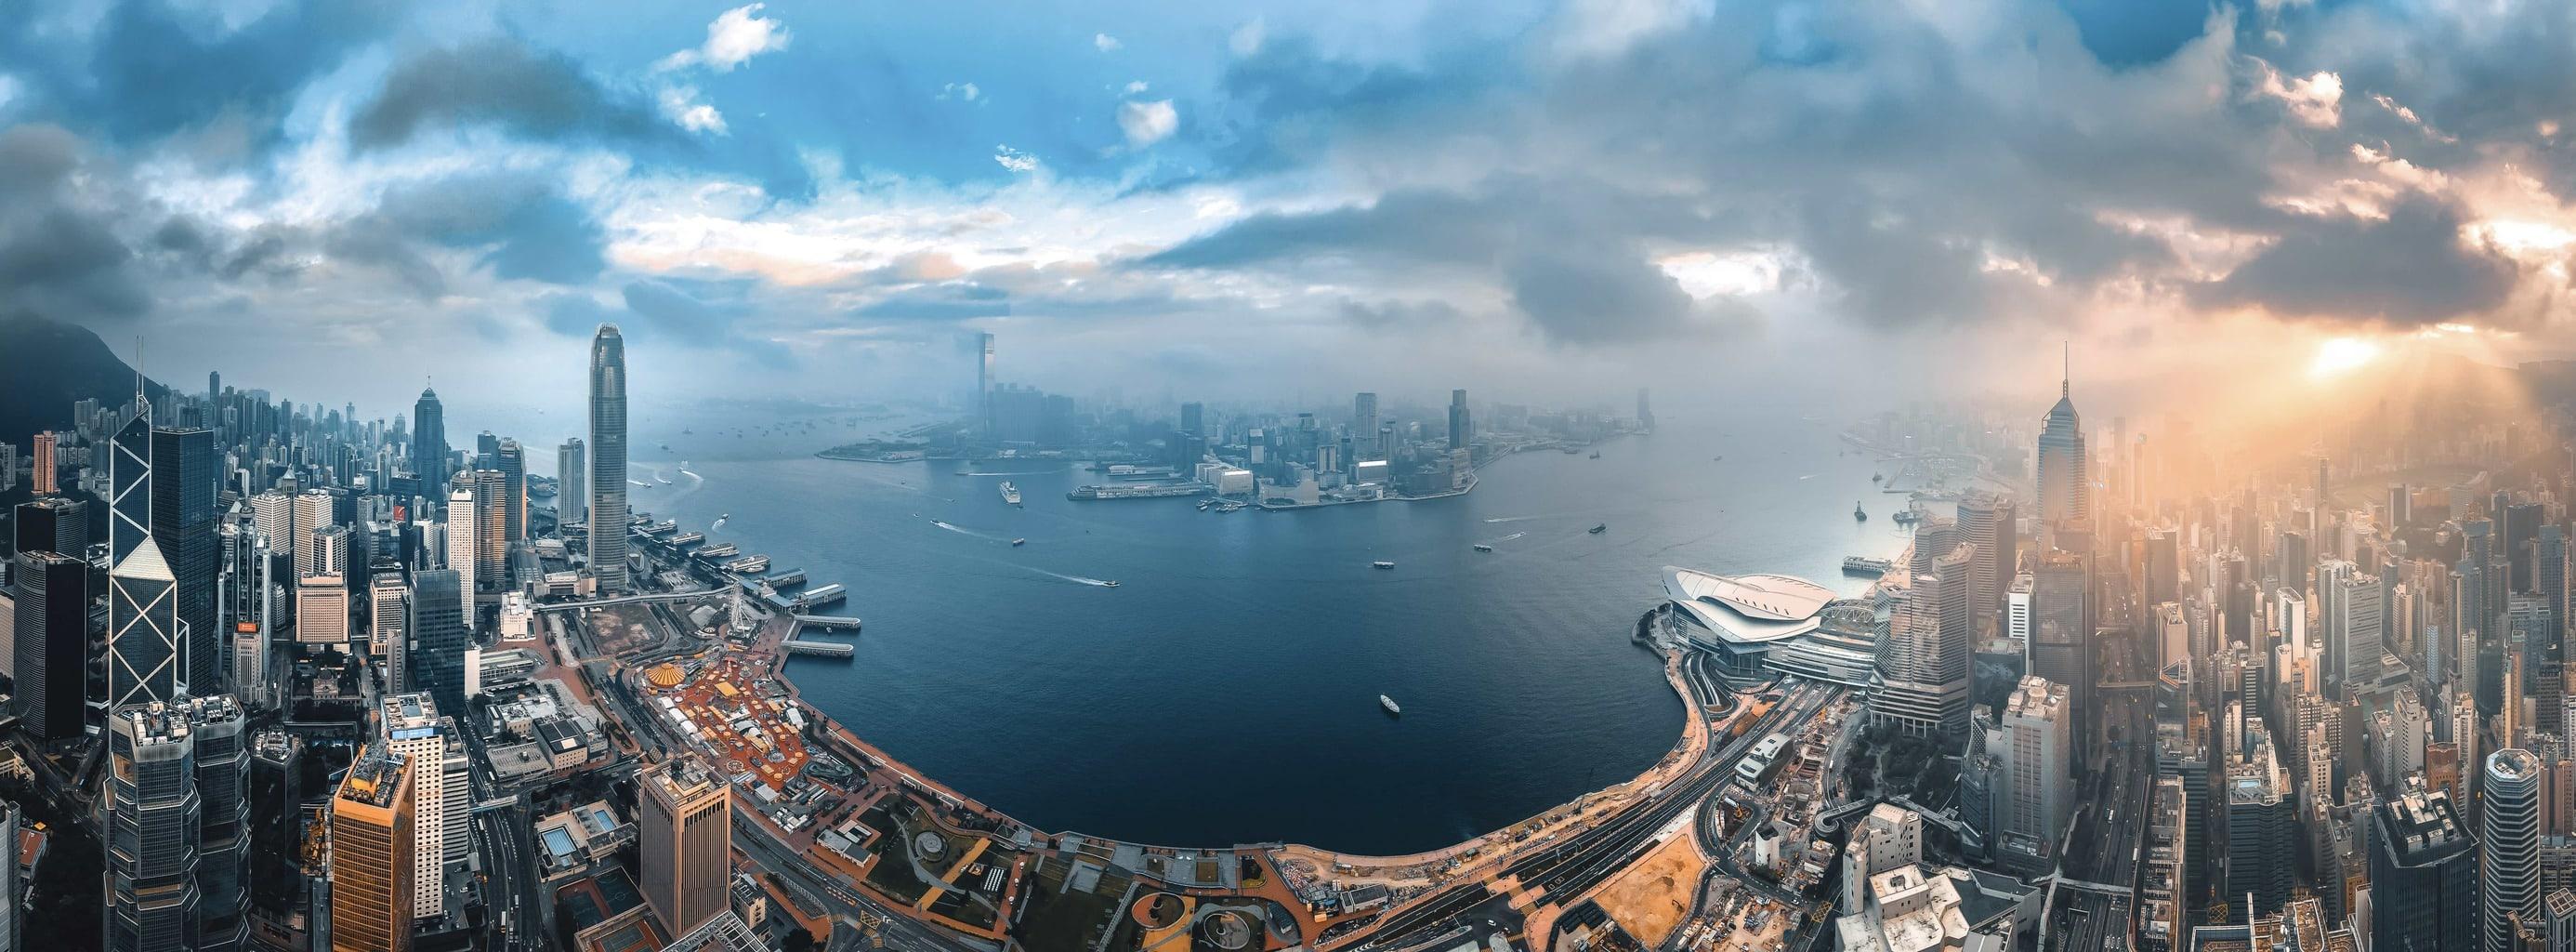 Panorámica que representa un tipo de paisaje, el urbano